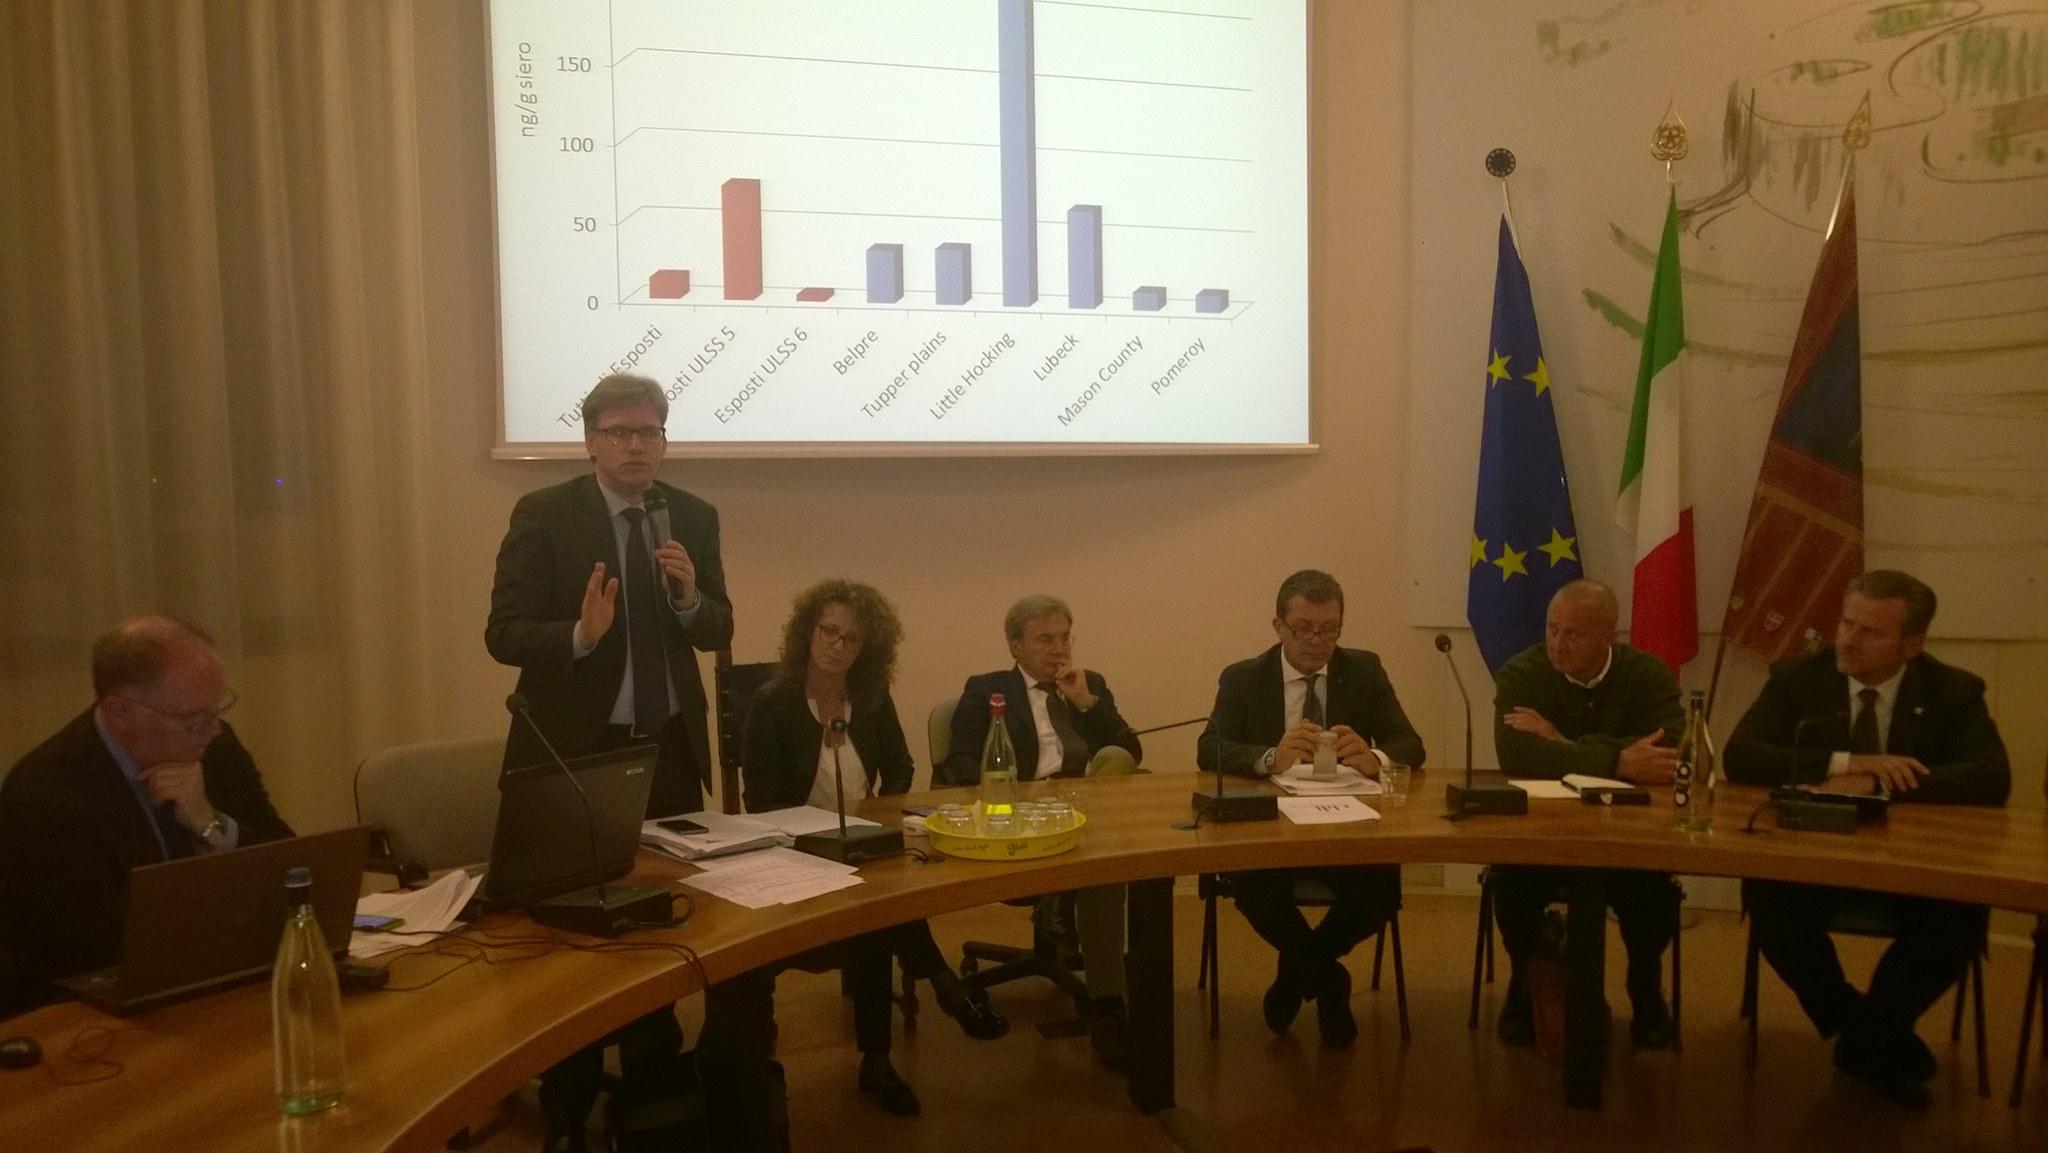 Approvata la relazione finale della Commissione d'inchiesta sull'inquinamento da PFAS